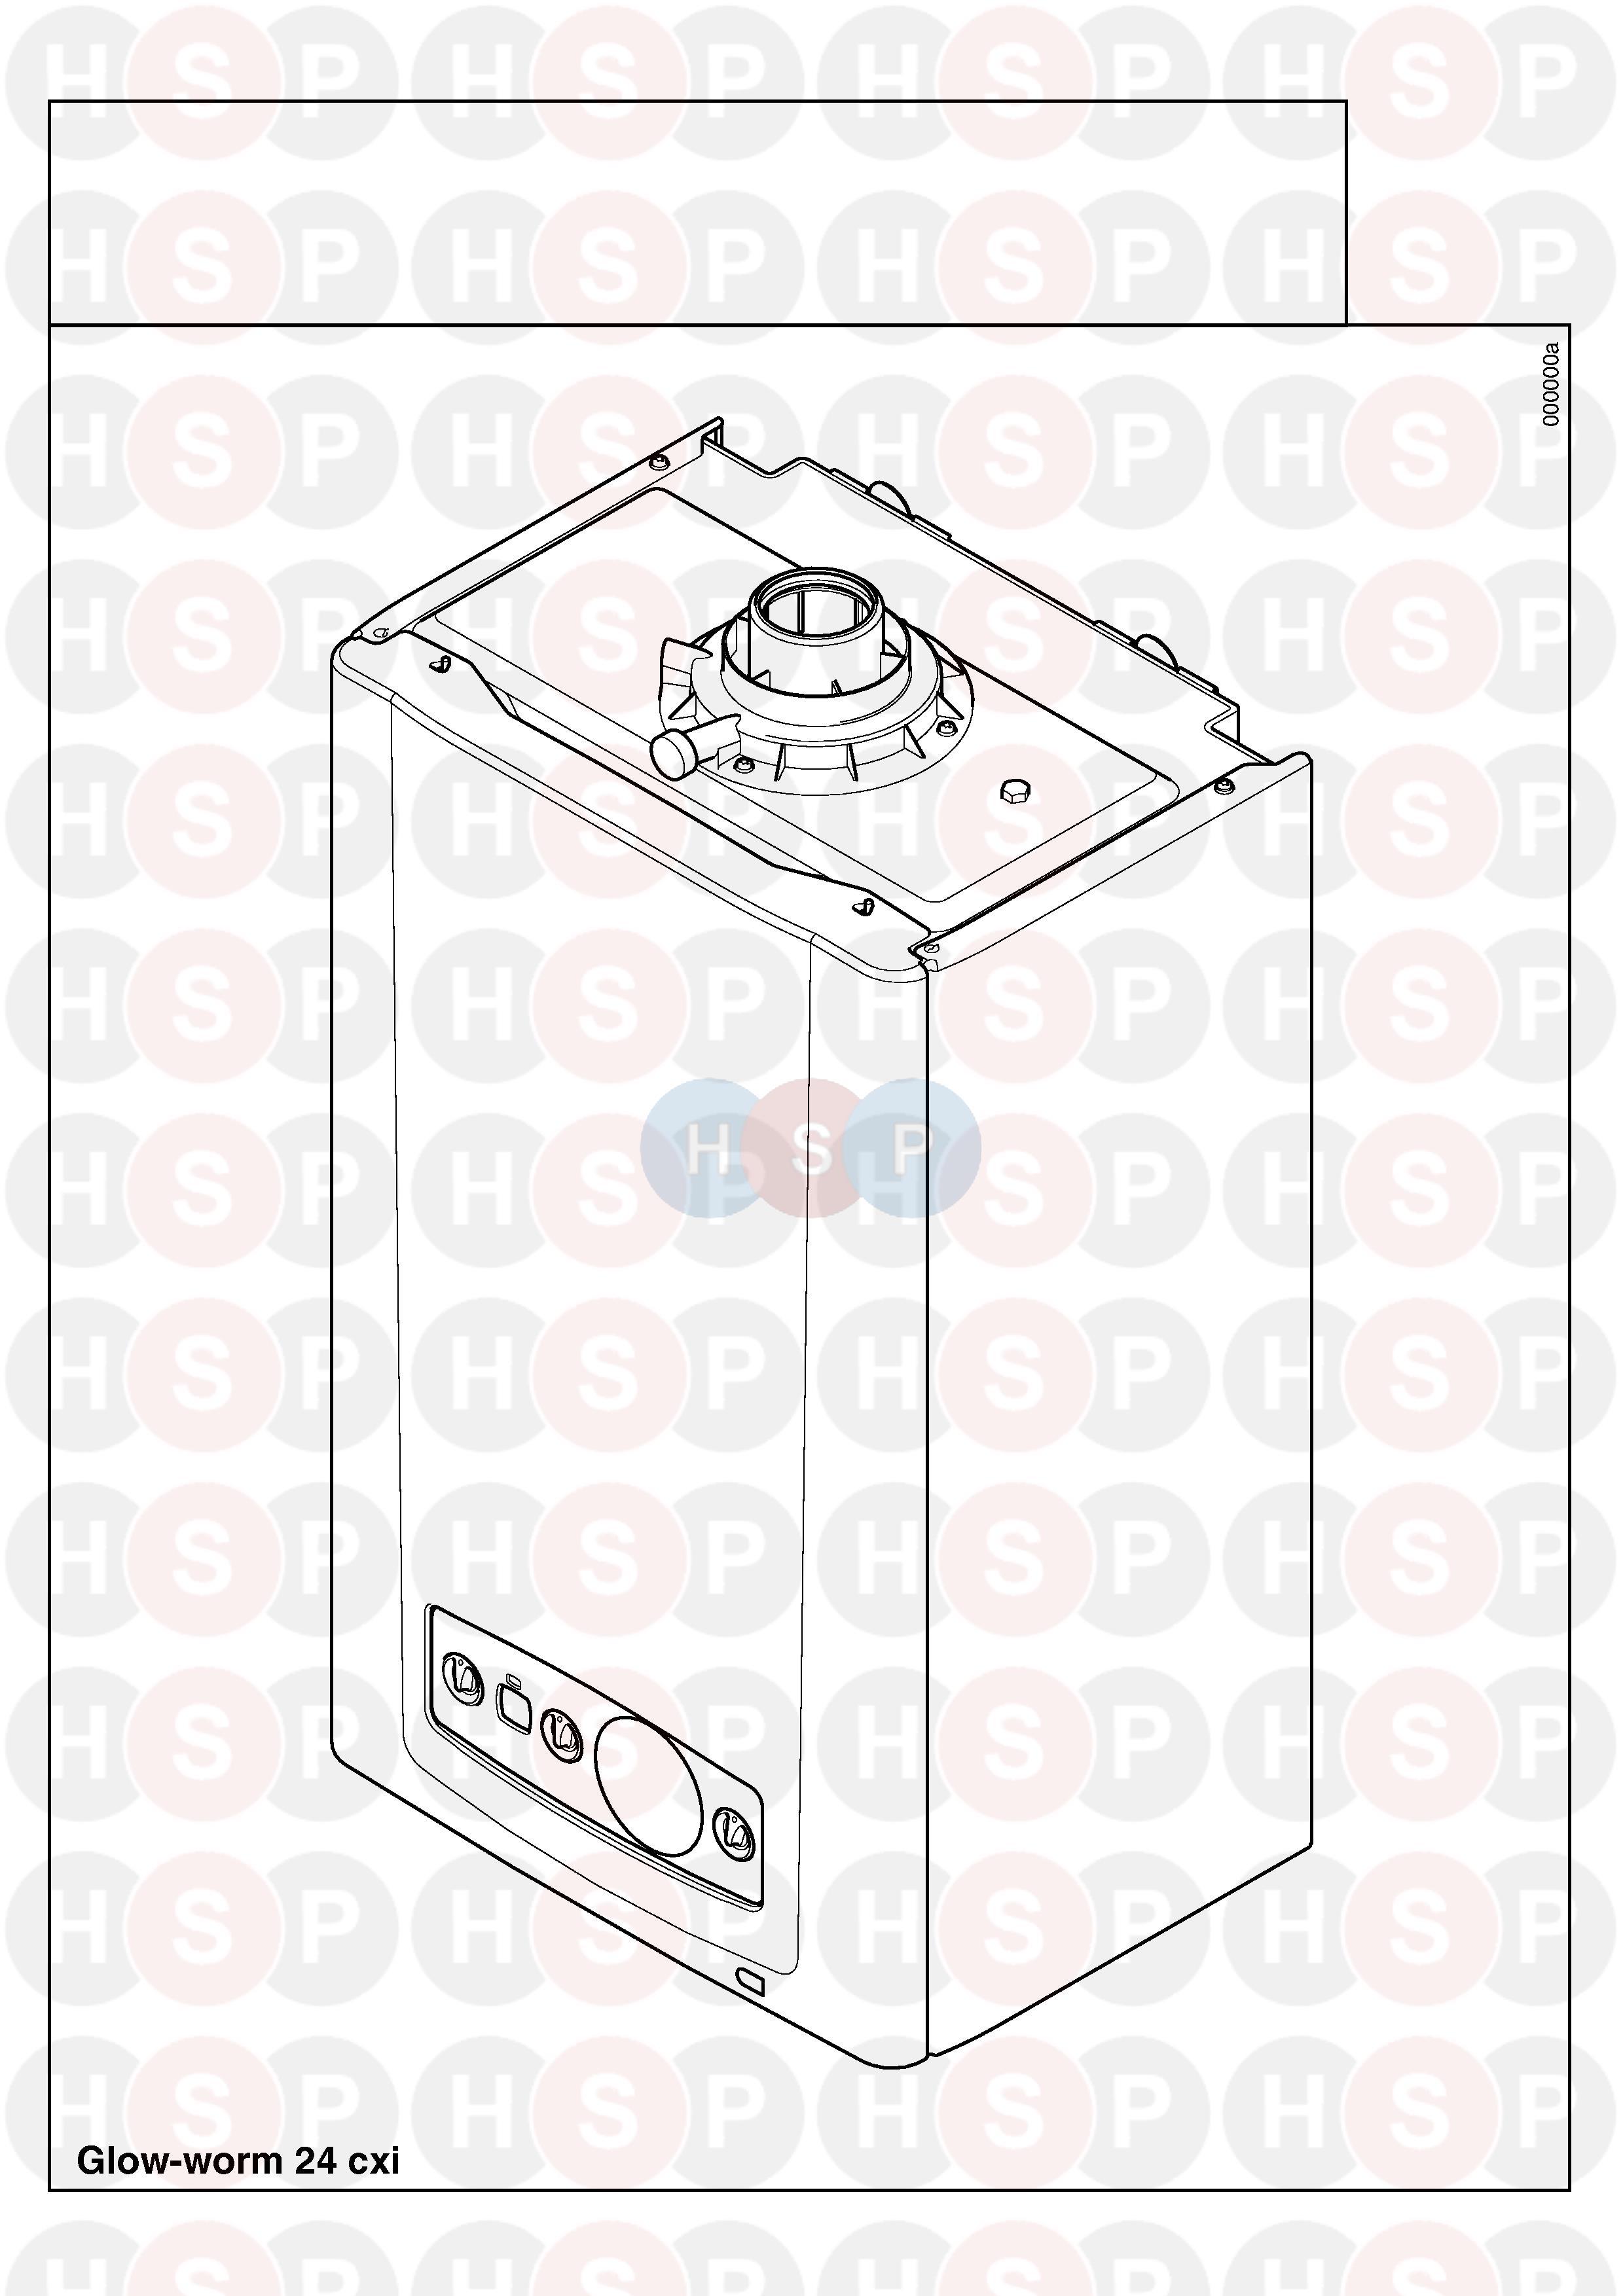 Glowworm GLOWWORM 24CXI (Appliance overview) Diagram | Heating Spare ...